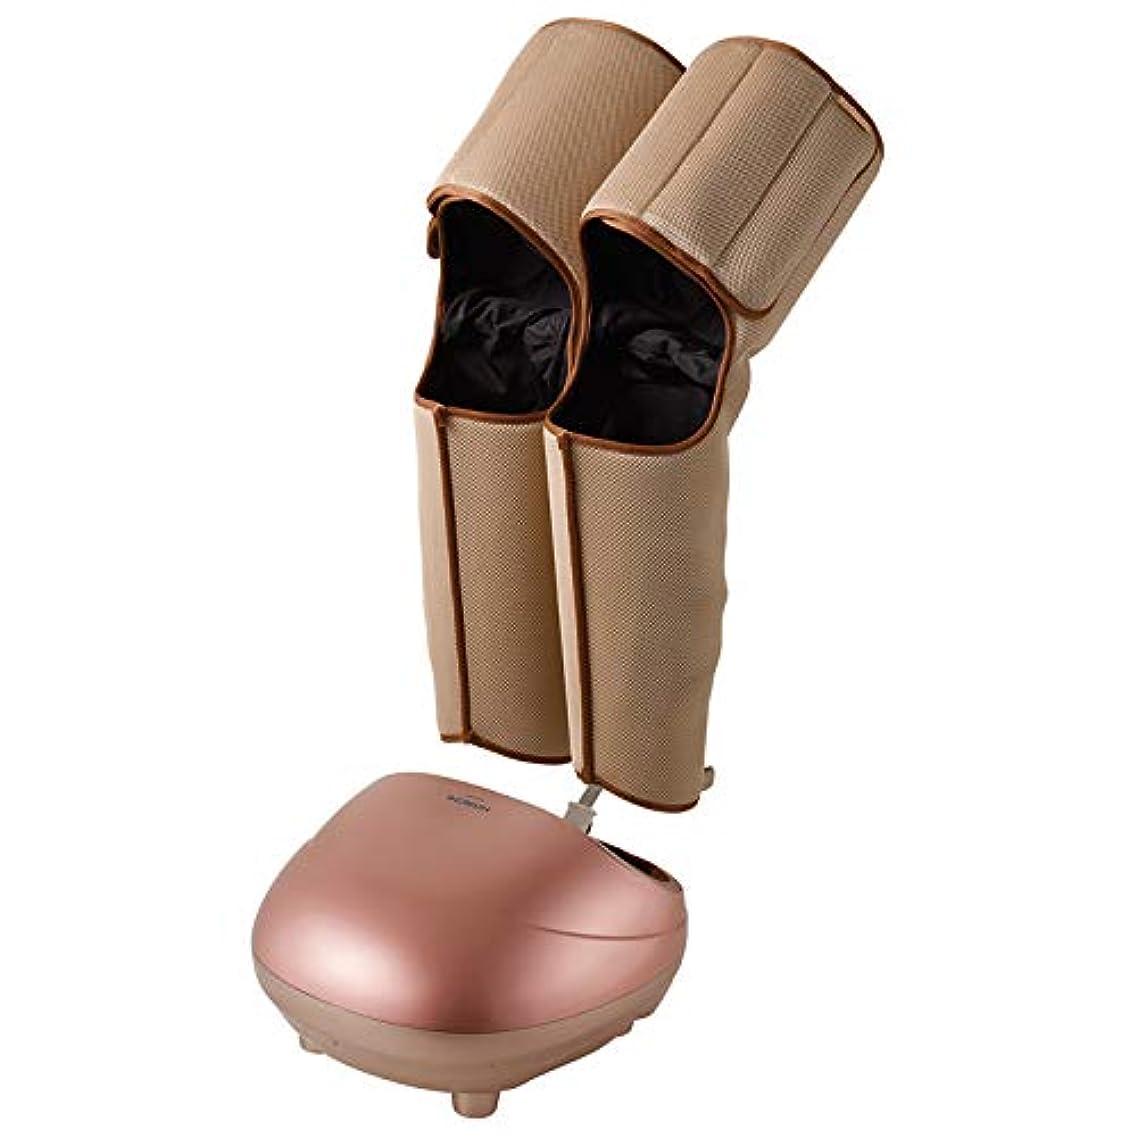 ことわざ浮くエチケット日立 フットマッサージャー(ピンクゴールド)HITACHI Foot CRiE(フットクリエ) HFM-3000-P